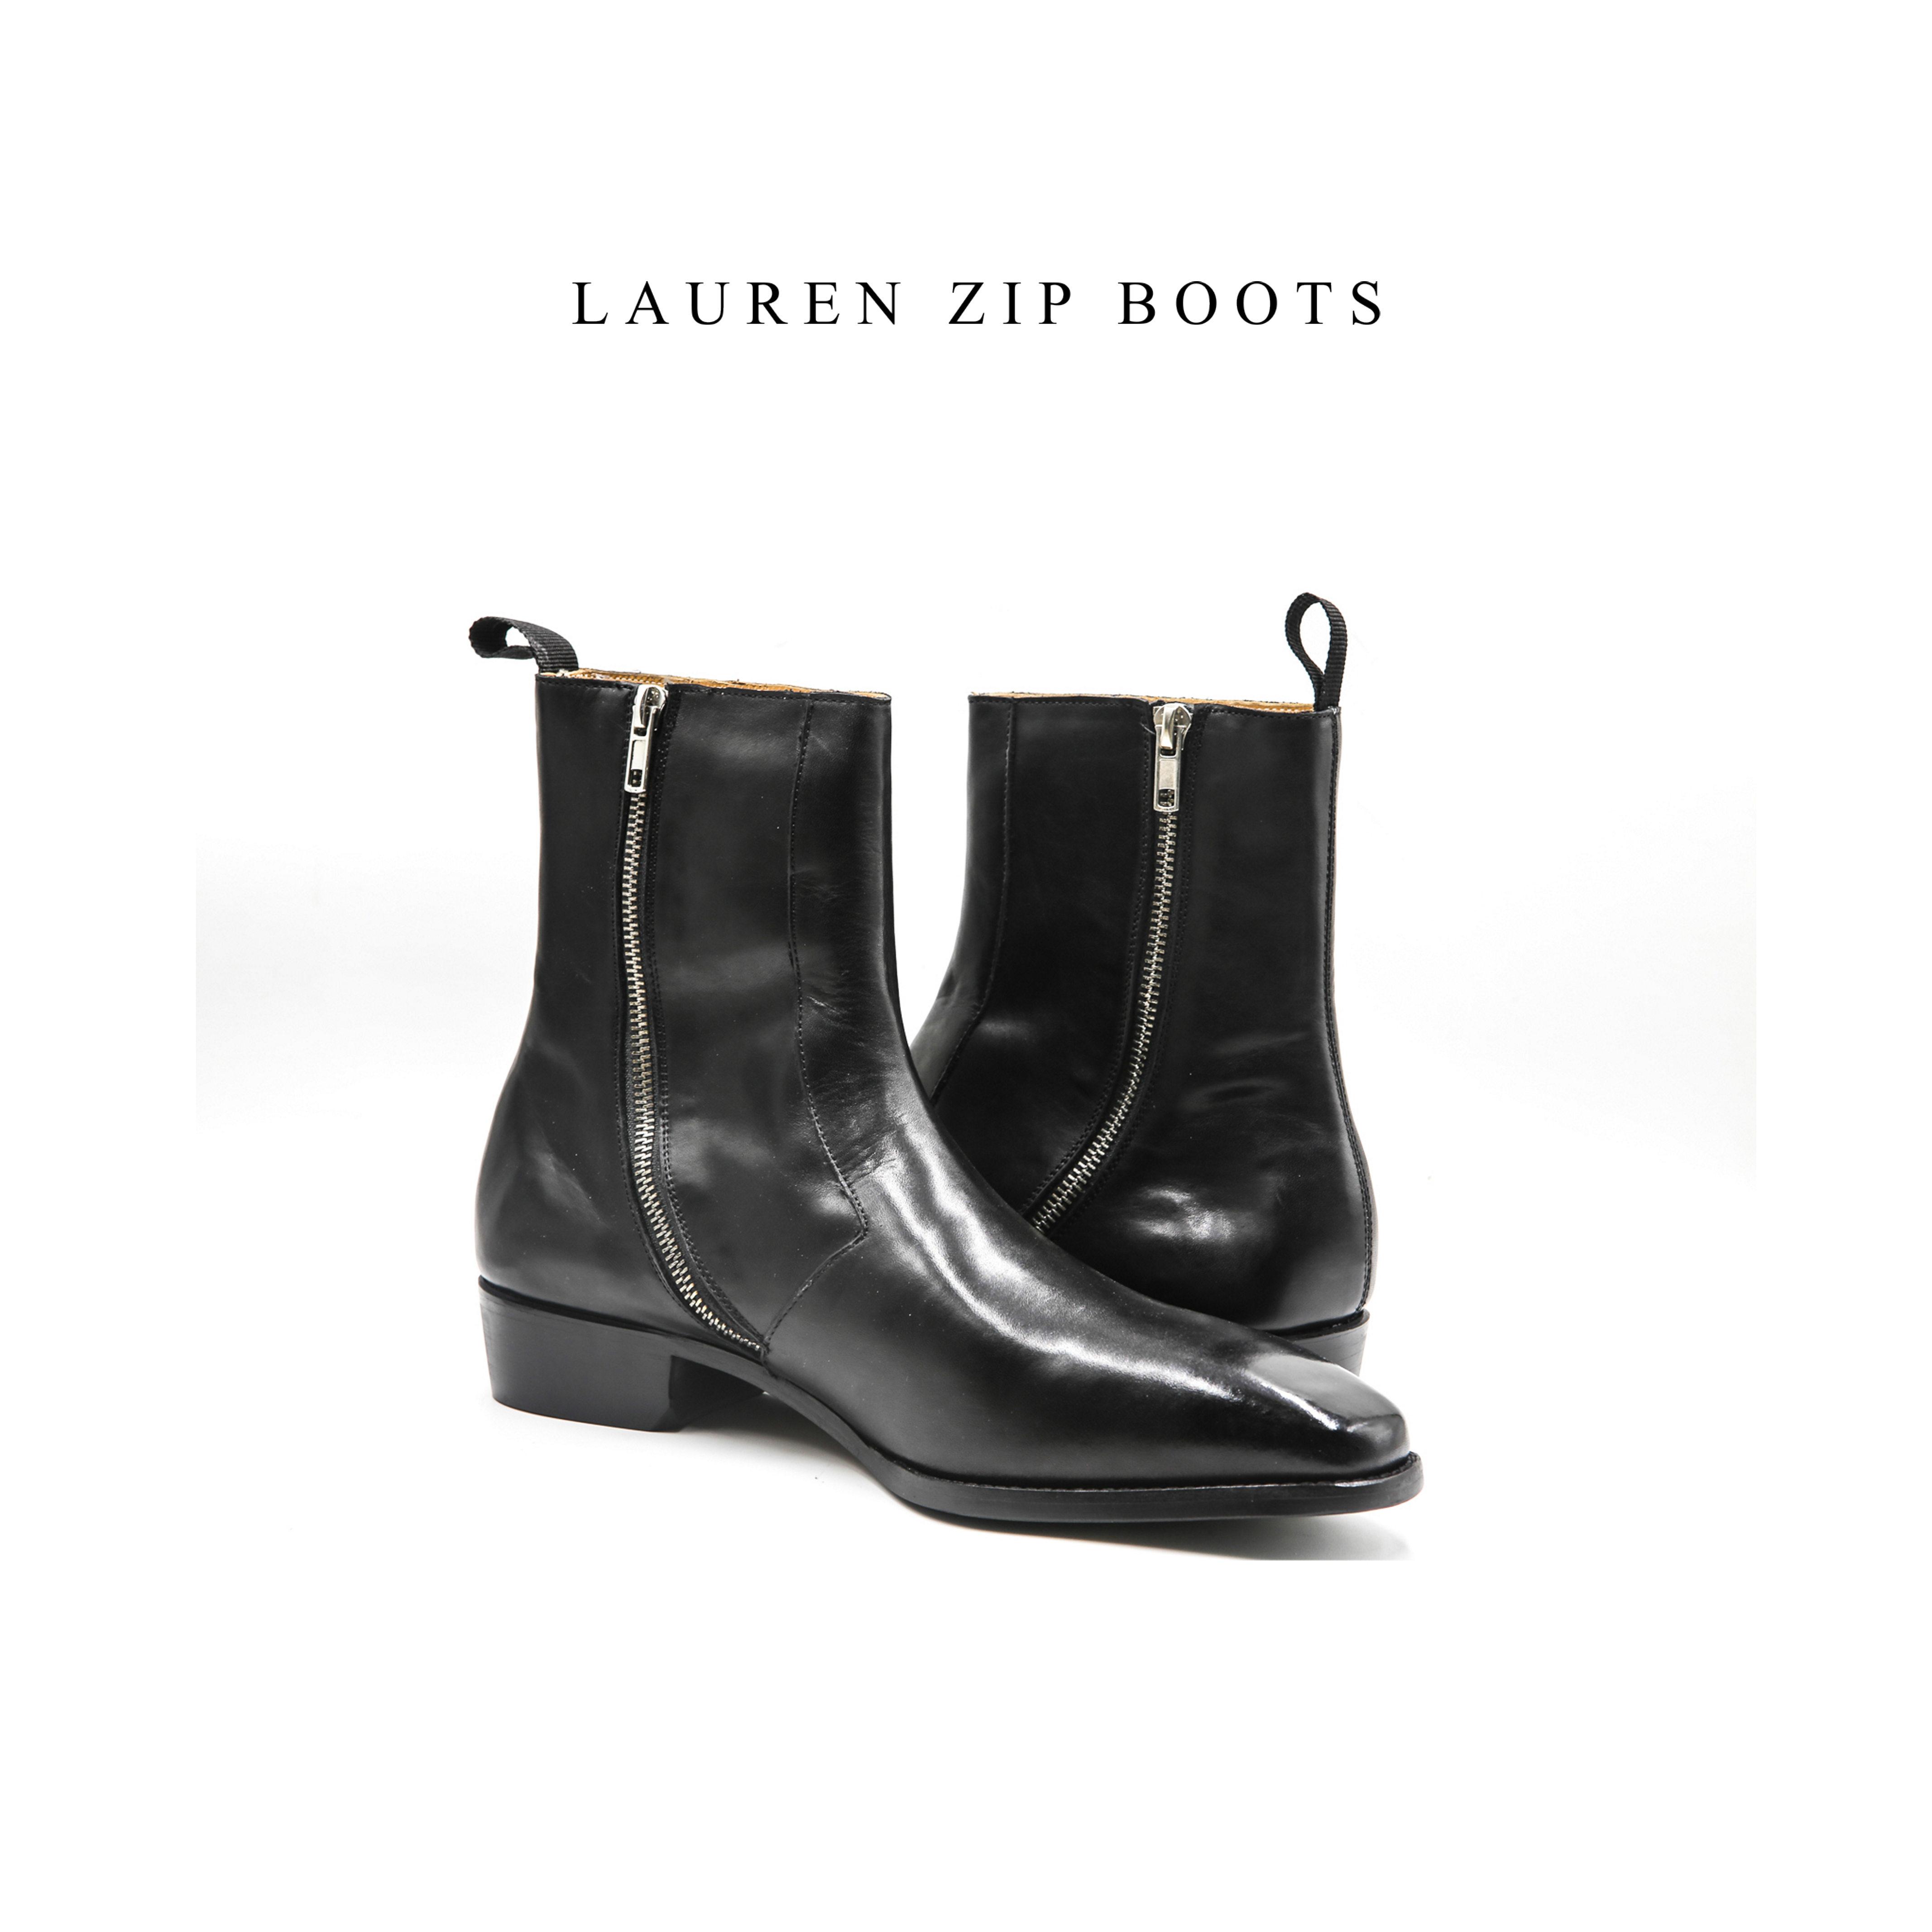 LAUREN Zip Boots